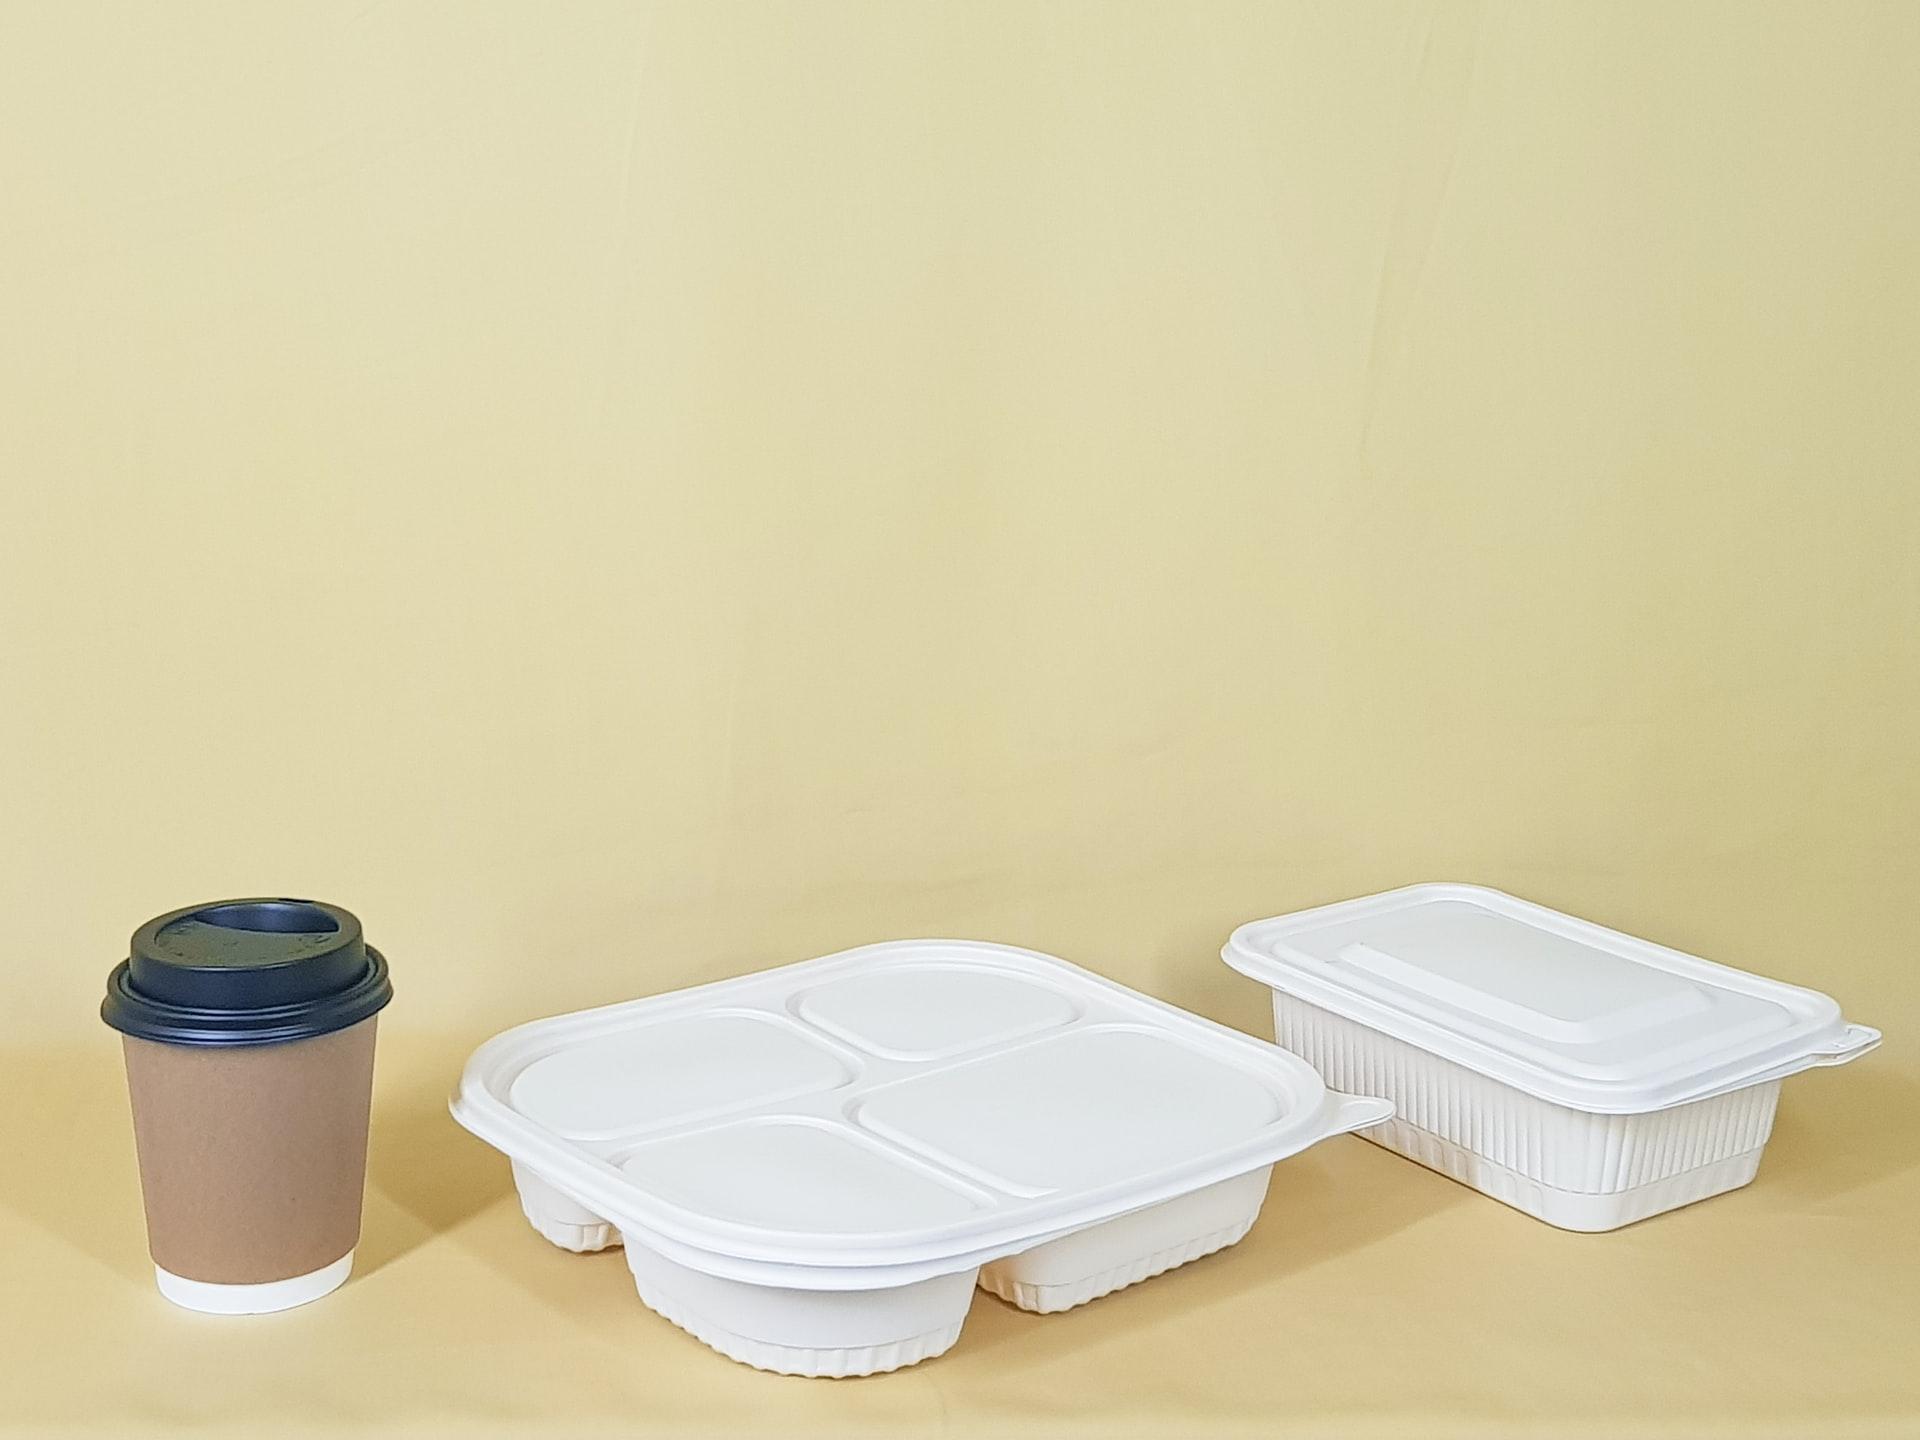 日本は、一人当たりの廃棄プラスチック量が世界で2番目の多さ